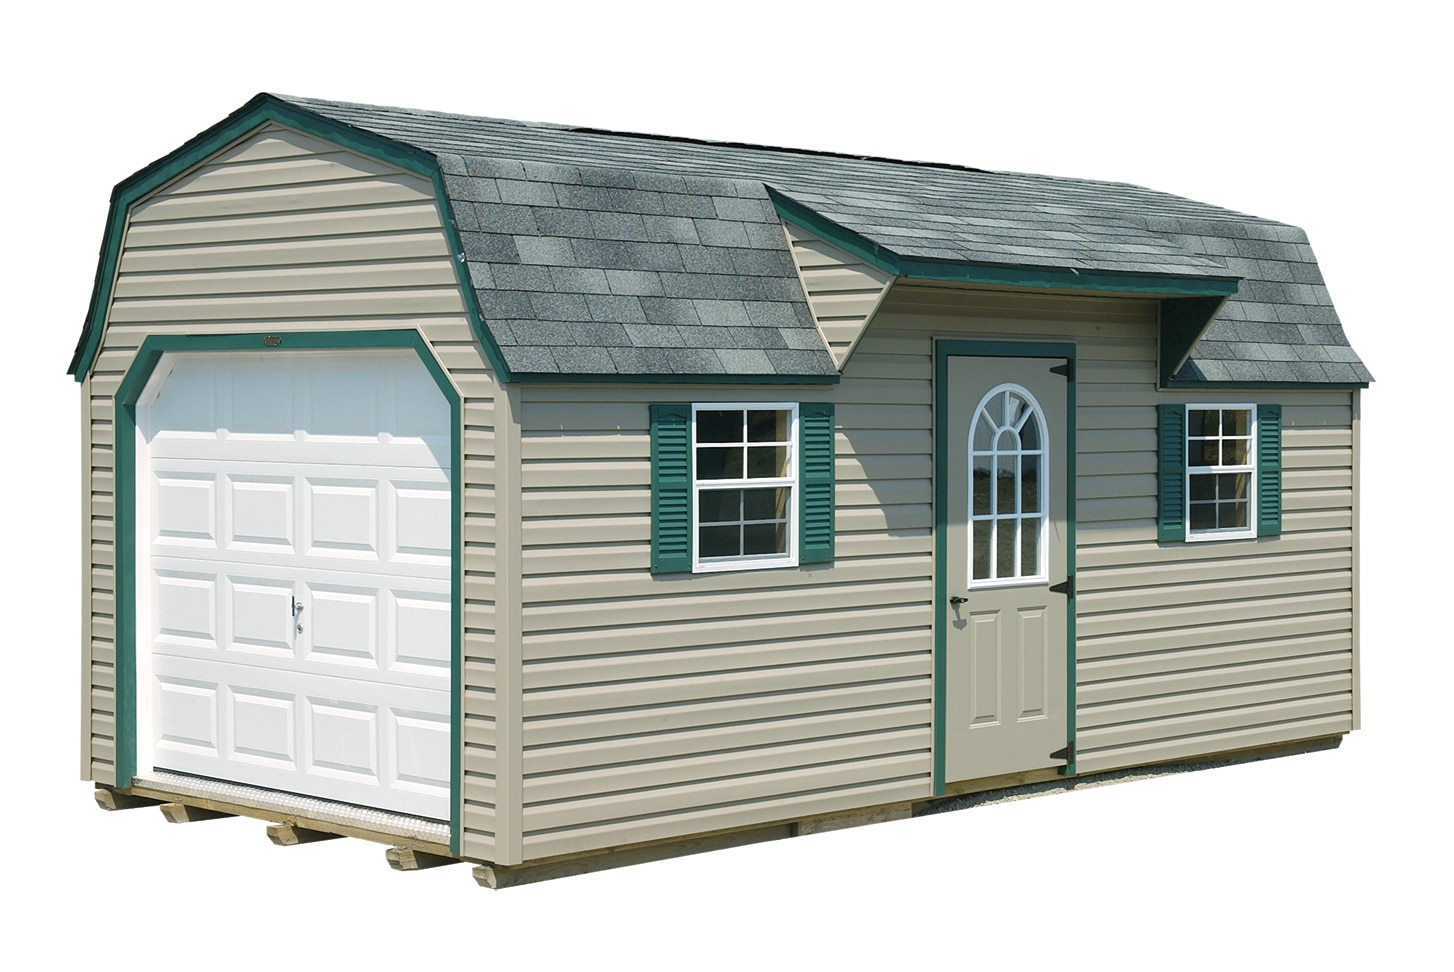 house portable garage garages credit tiny pin amish barn shed indiana no cabin built checks